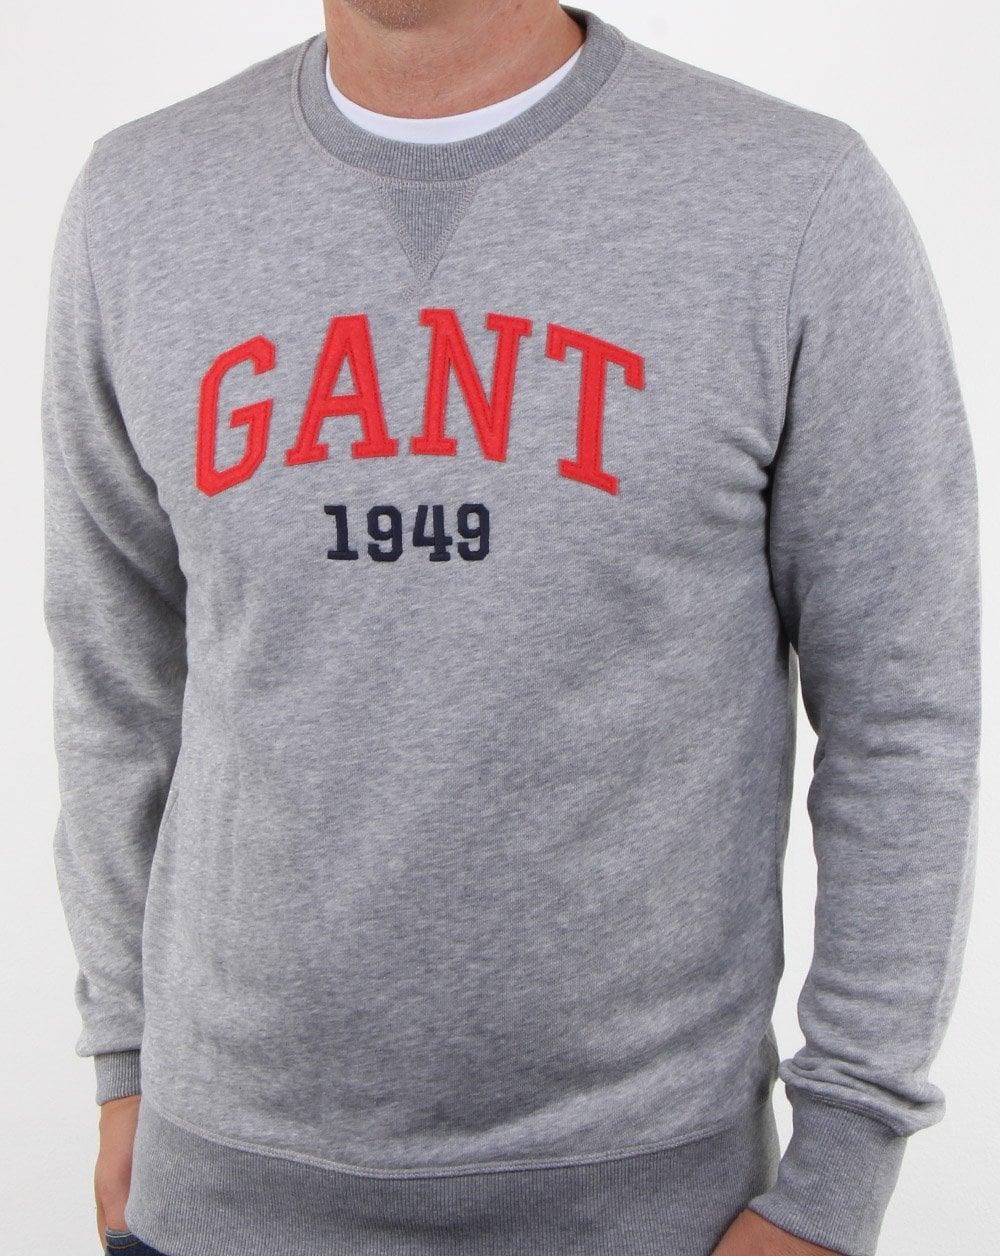 0c3dd8347918 Gant Gant Graphic Crew Neck Sweatshirt Grey Melange